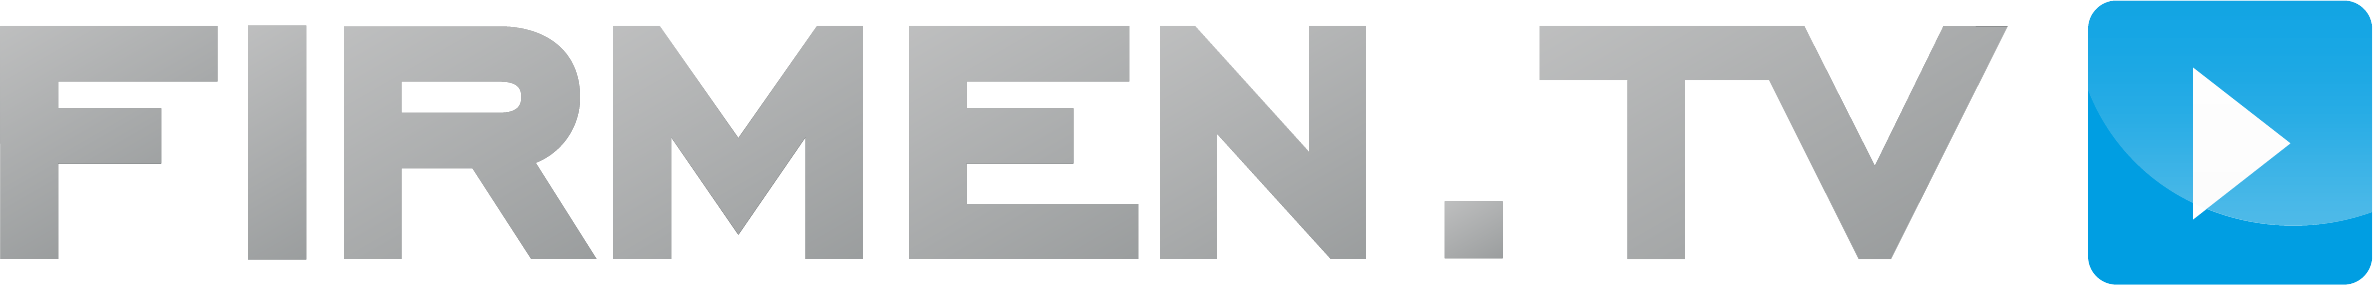 FirmenTV